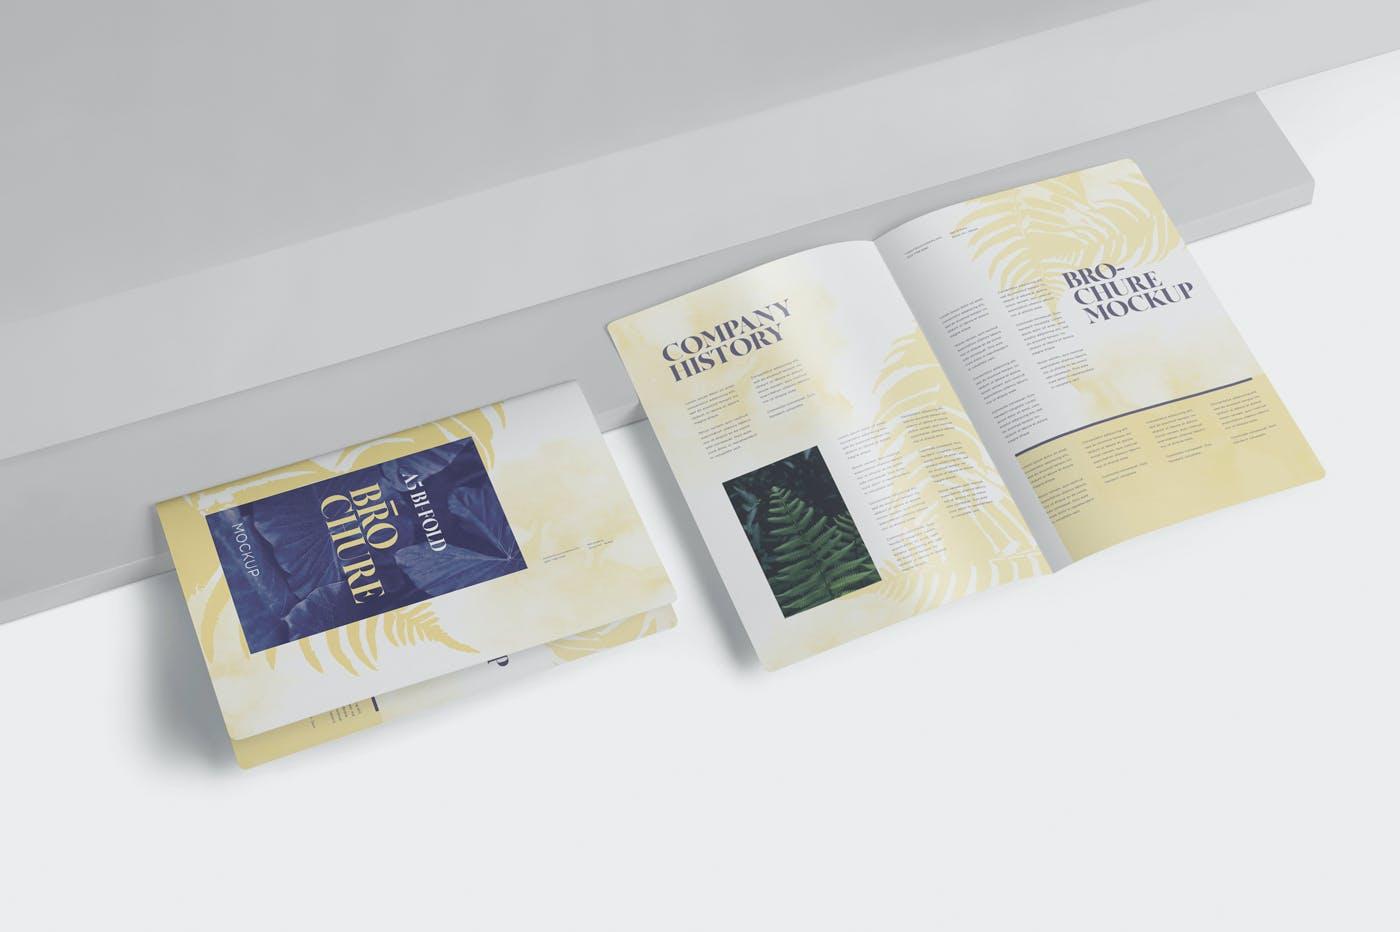 精美A5两折页小册子设计展示样机 A5 Bi-Fold Brochure Mockup Set – Round Corner插图(2)